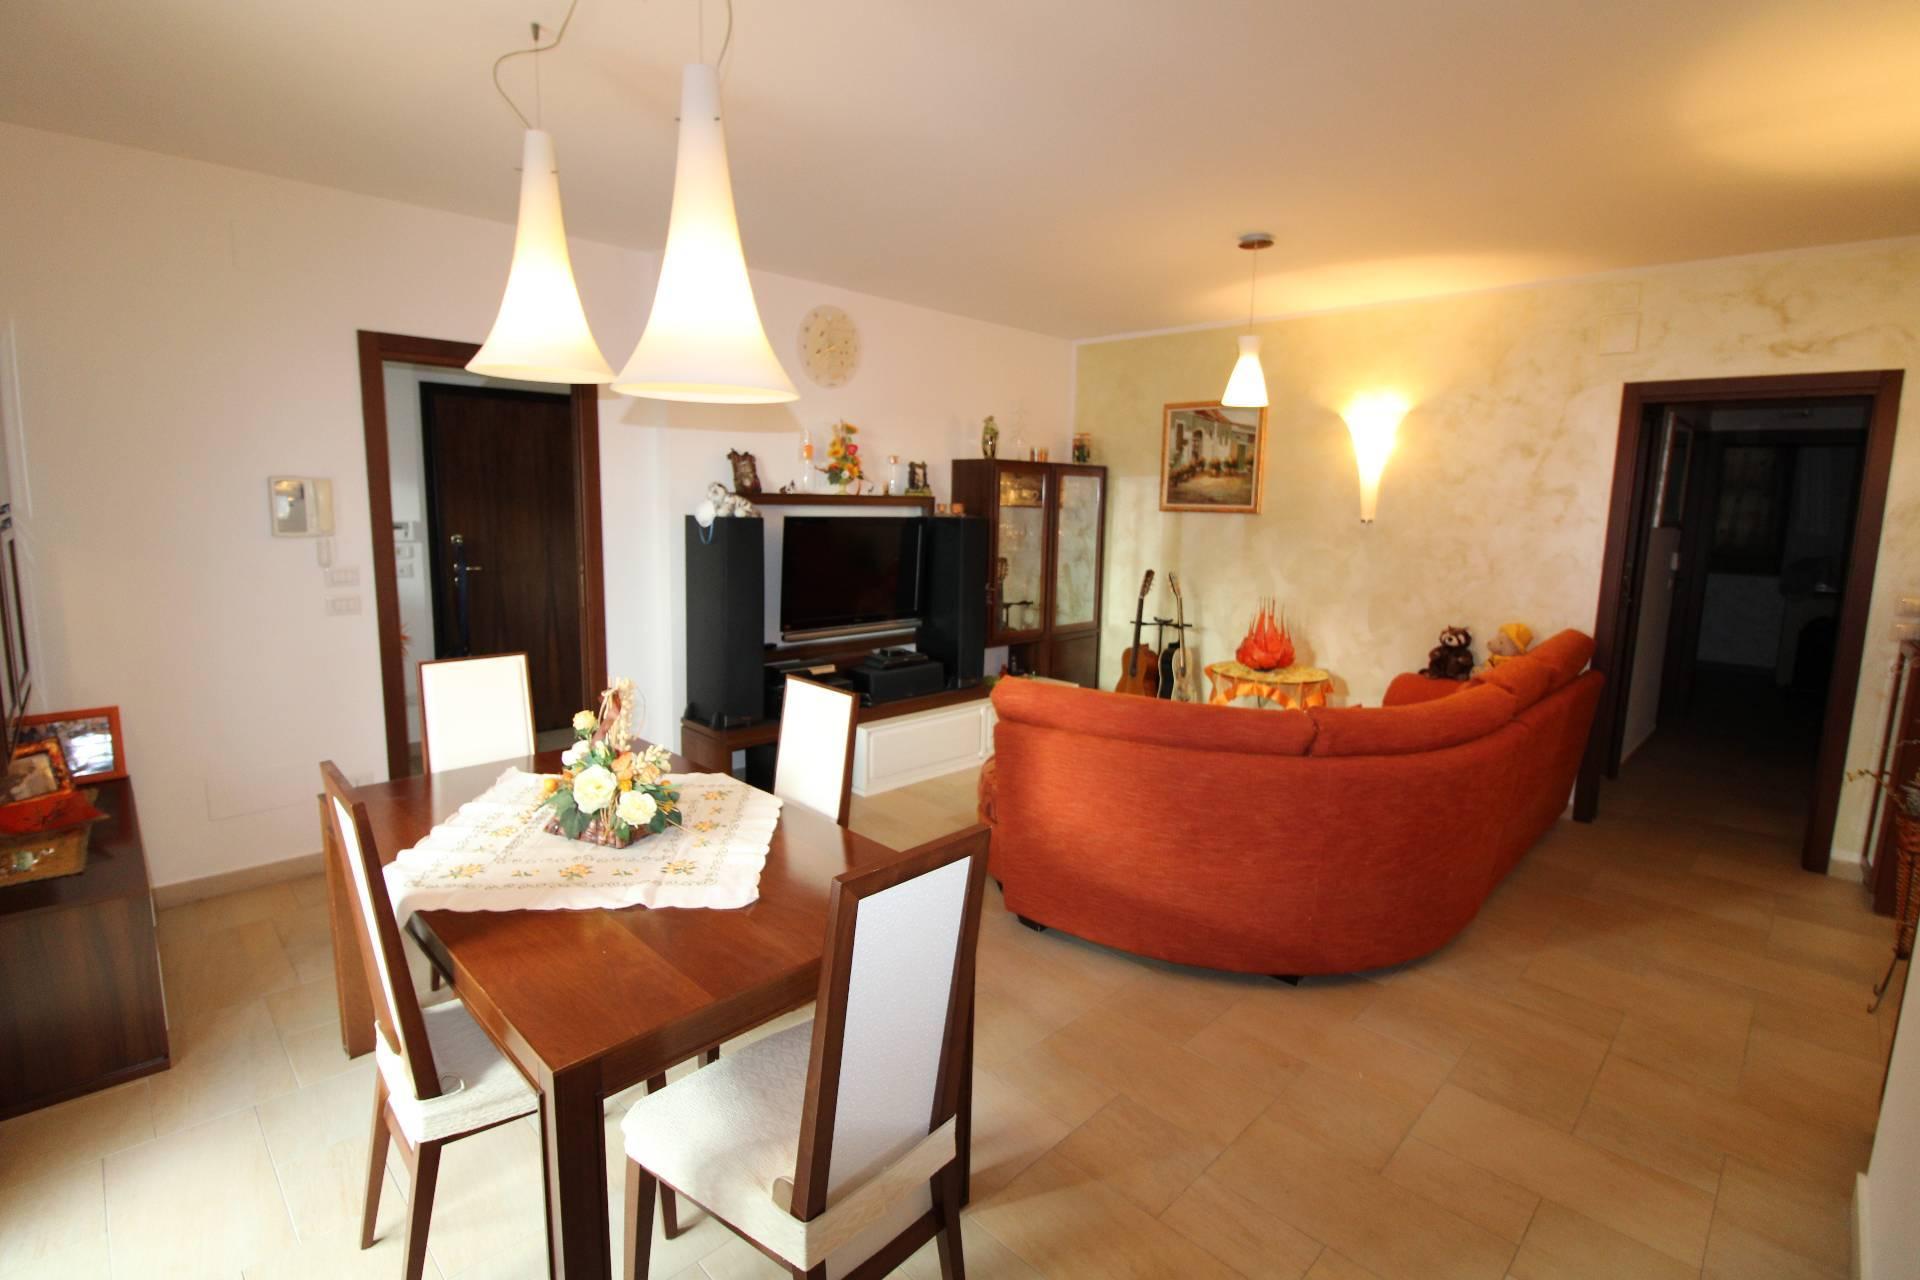 Appartamento in vendita a Monteprandone, 5 locali, zona Località: COLLINARE, prezzo € 240.000   PortaleAgenzieImmobiliari.it